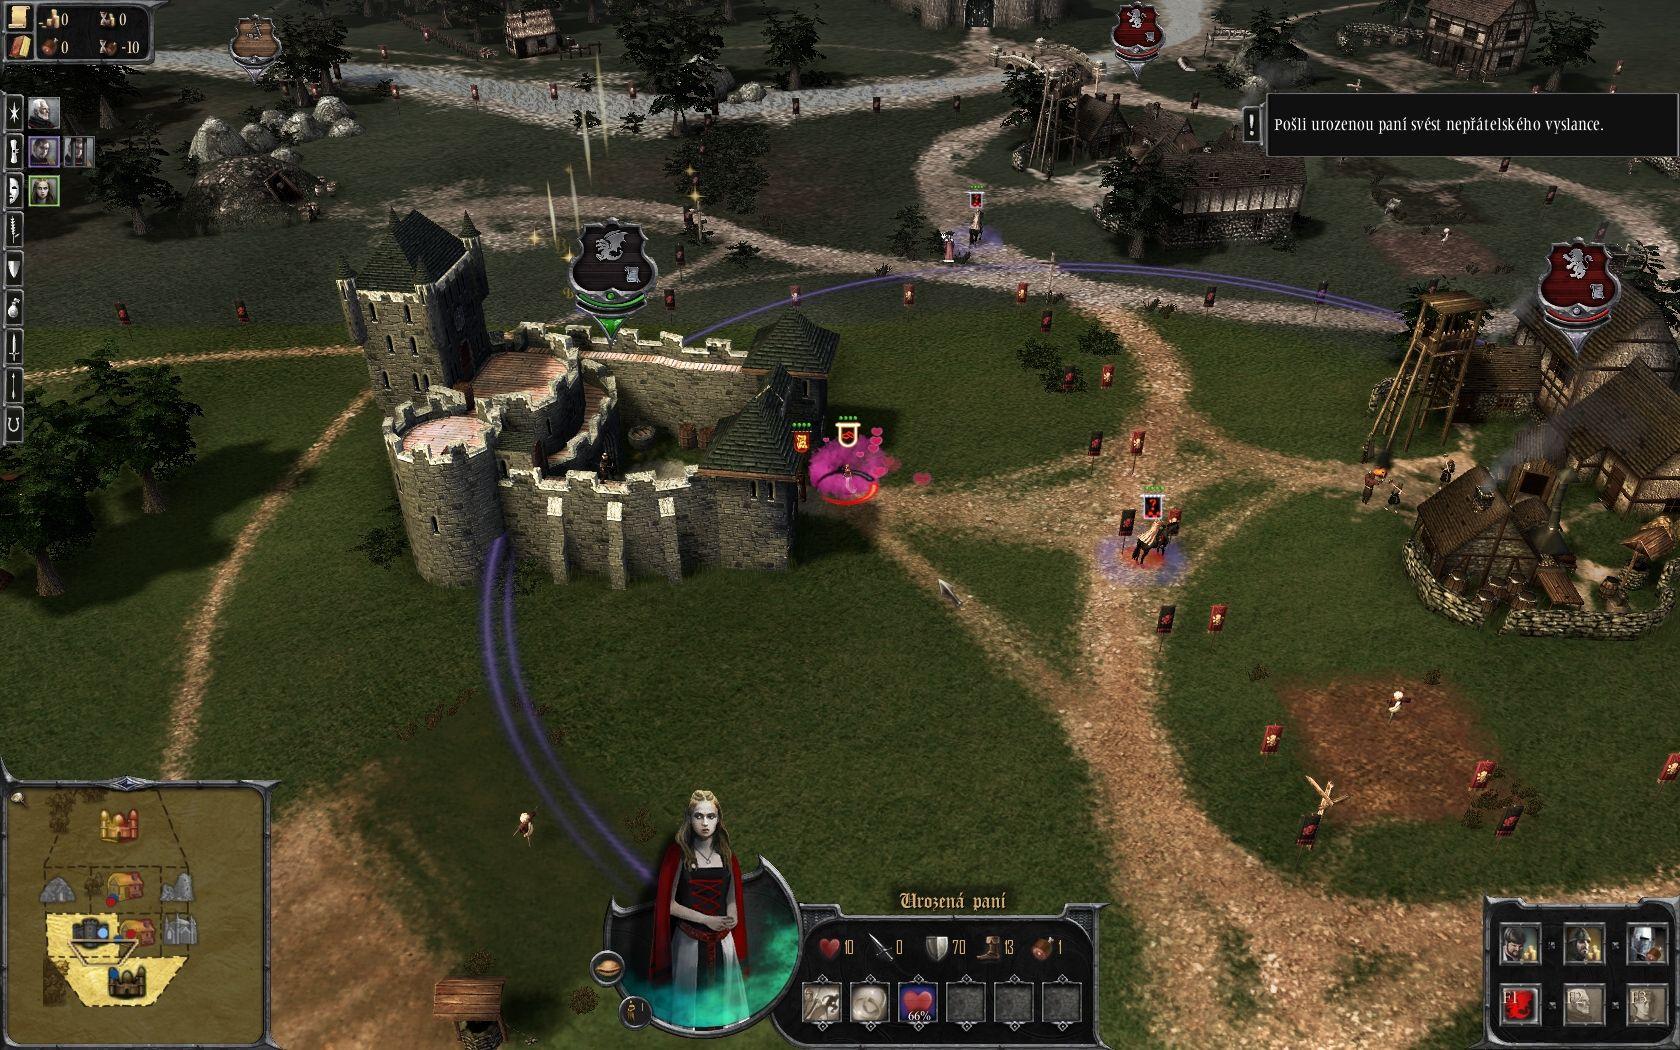 Hra o trůny: Zrození – buď vyhraješ, nebo zemřeš 53112